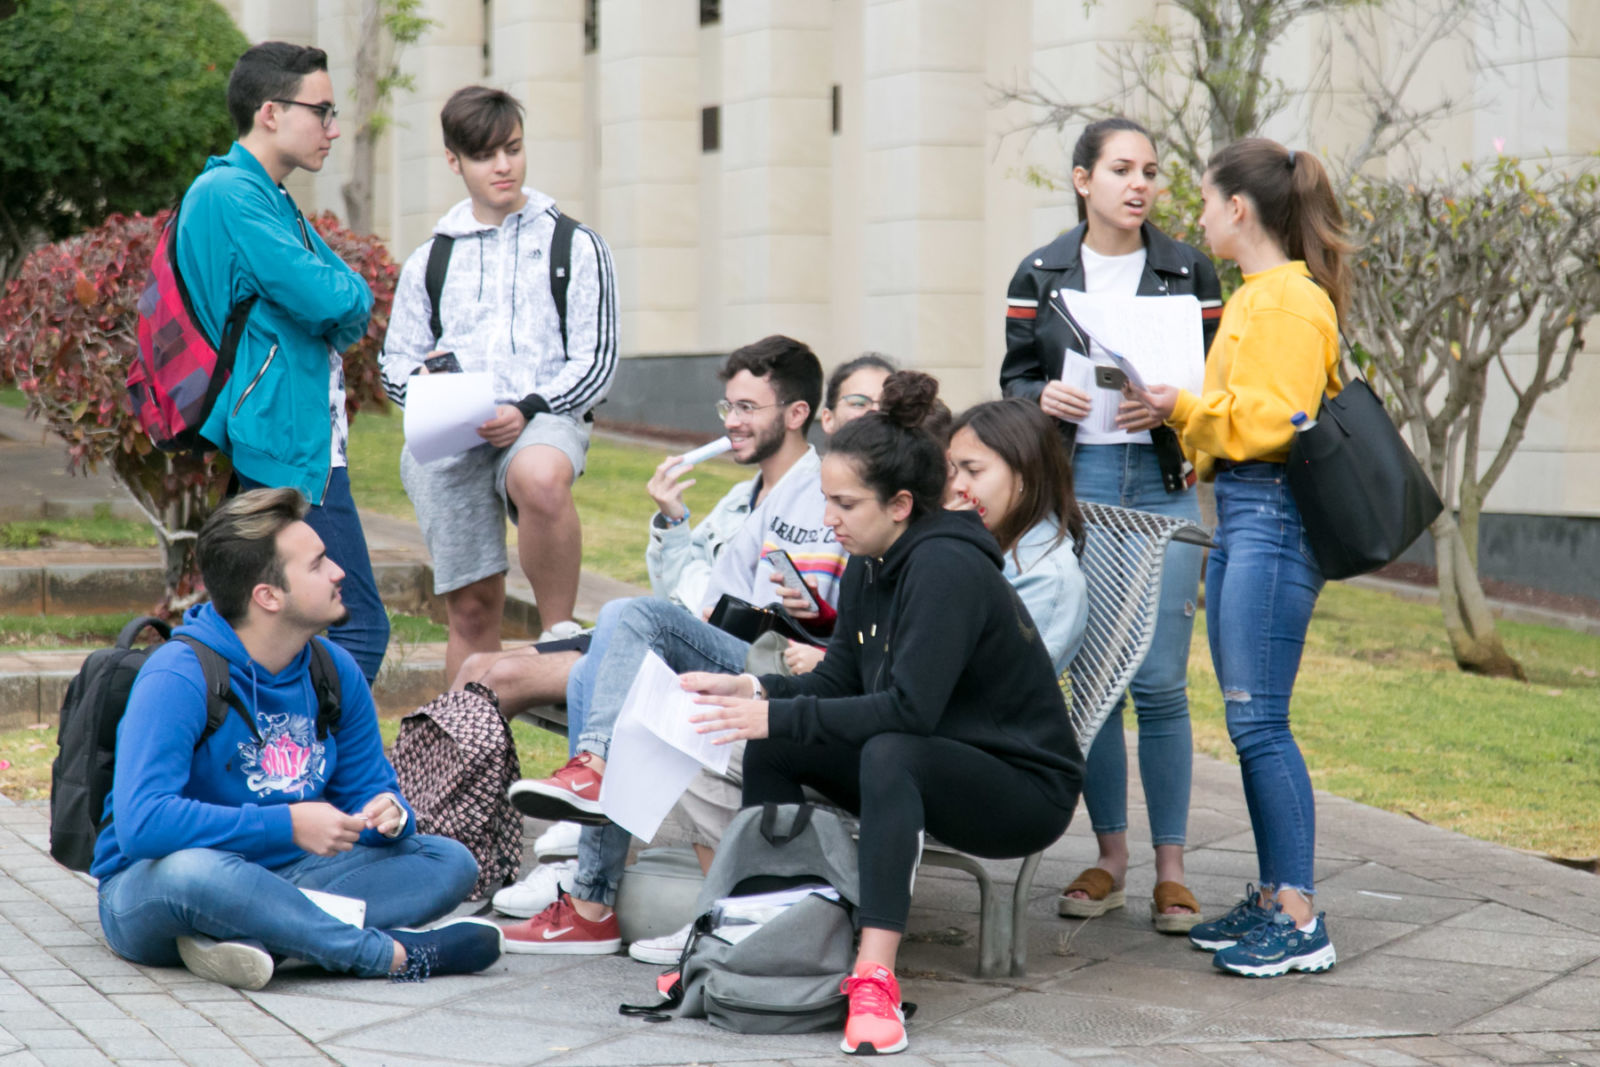 Los másteres oficiales de la Universidad de La Laguna registran 1.399 solicitudes